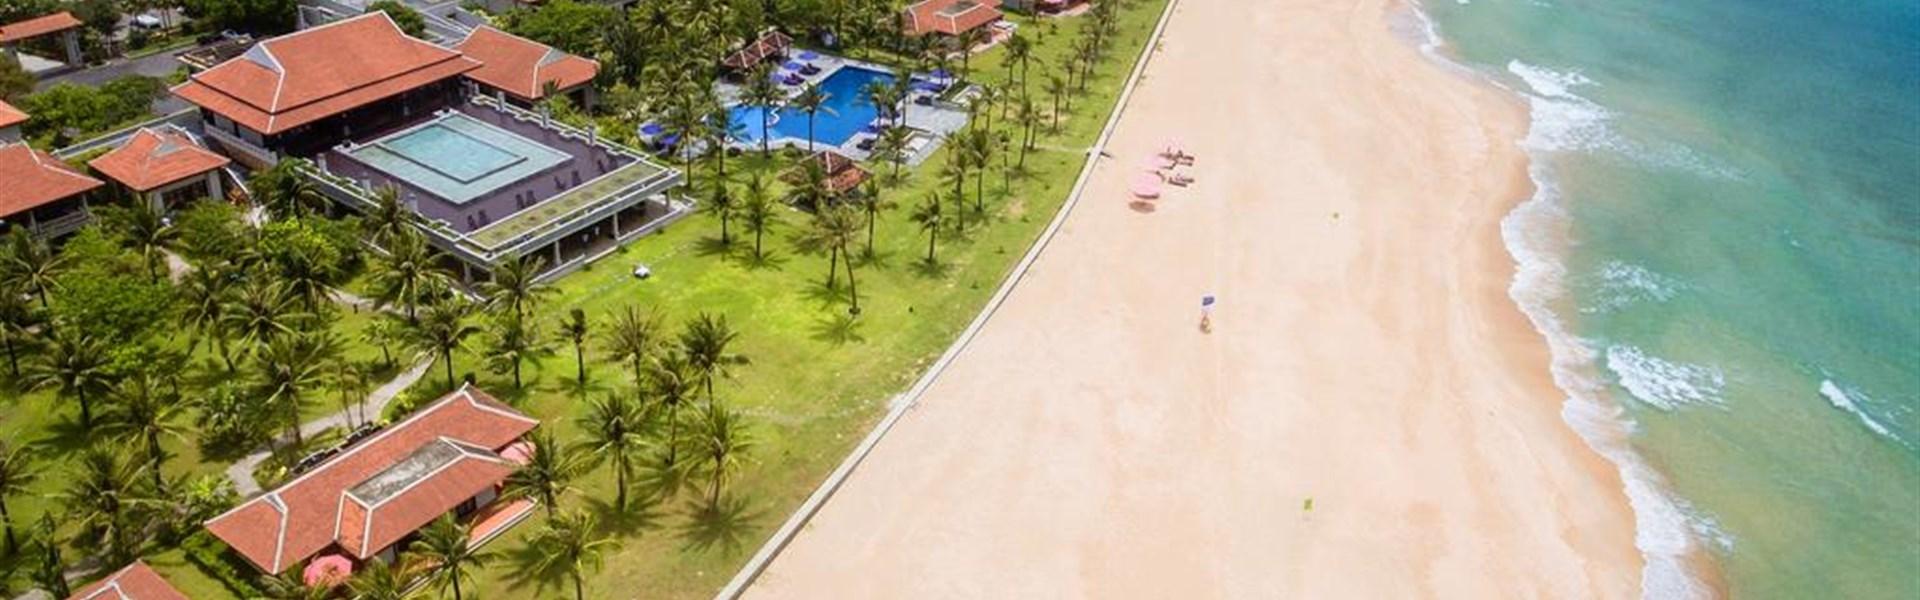 Zájezd k moři - Hue - Ana Mandara Resort - Vietnam - Hue - Ana Mandara - pláž.jpg